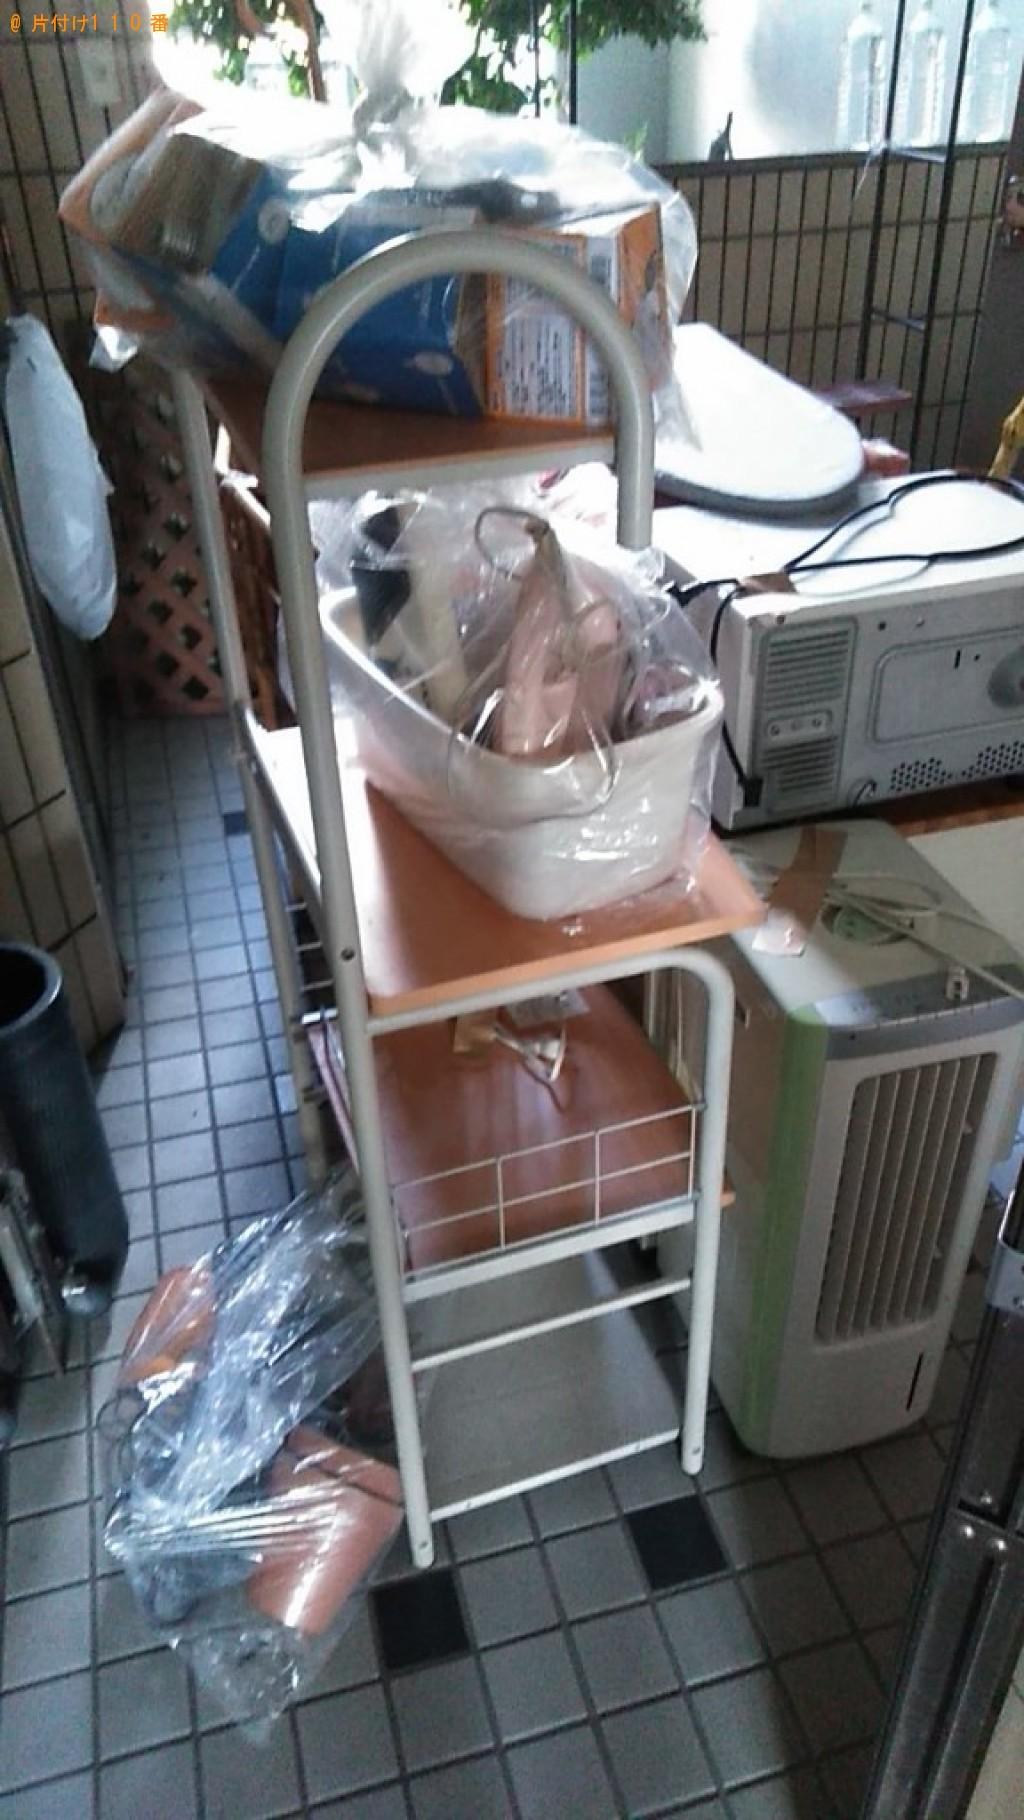 【盛岡市】冷蔵庫、二人用ダイニングテーブル、一般ごみ等の回収